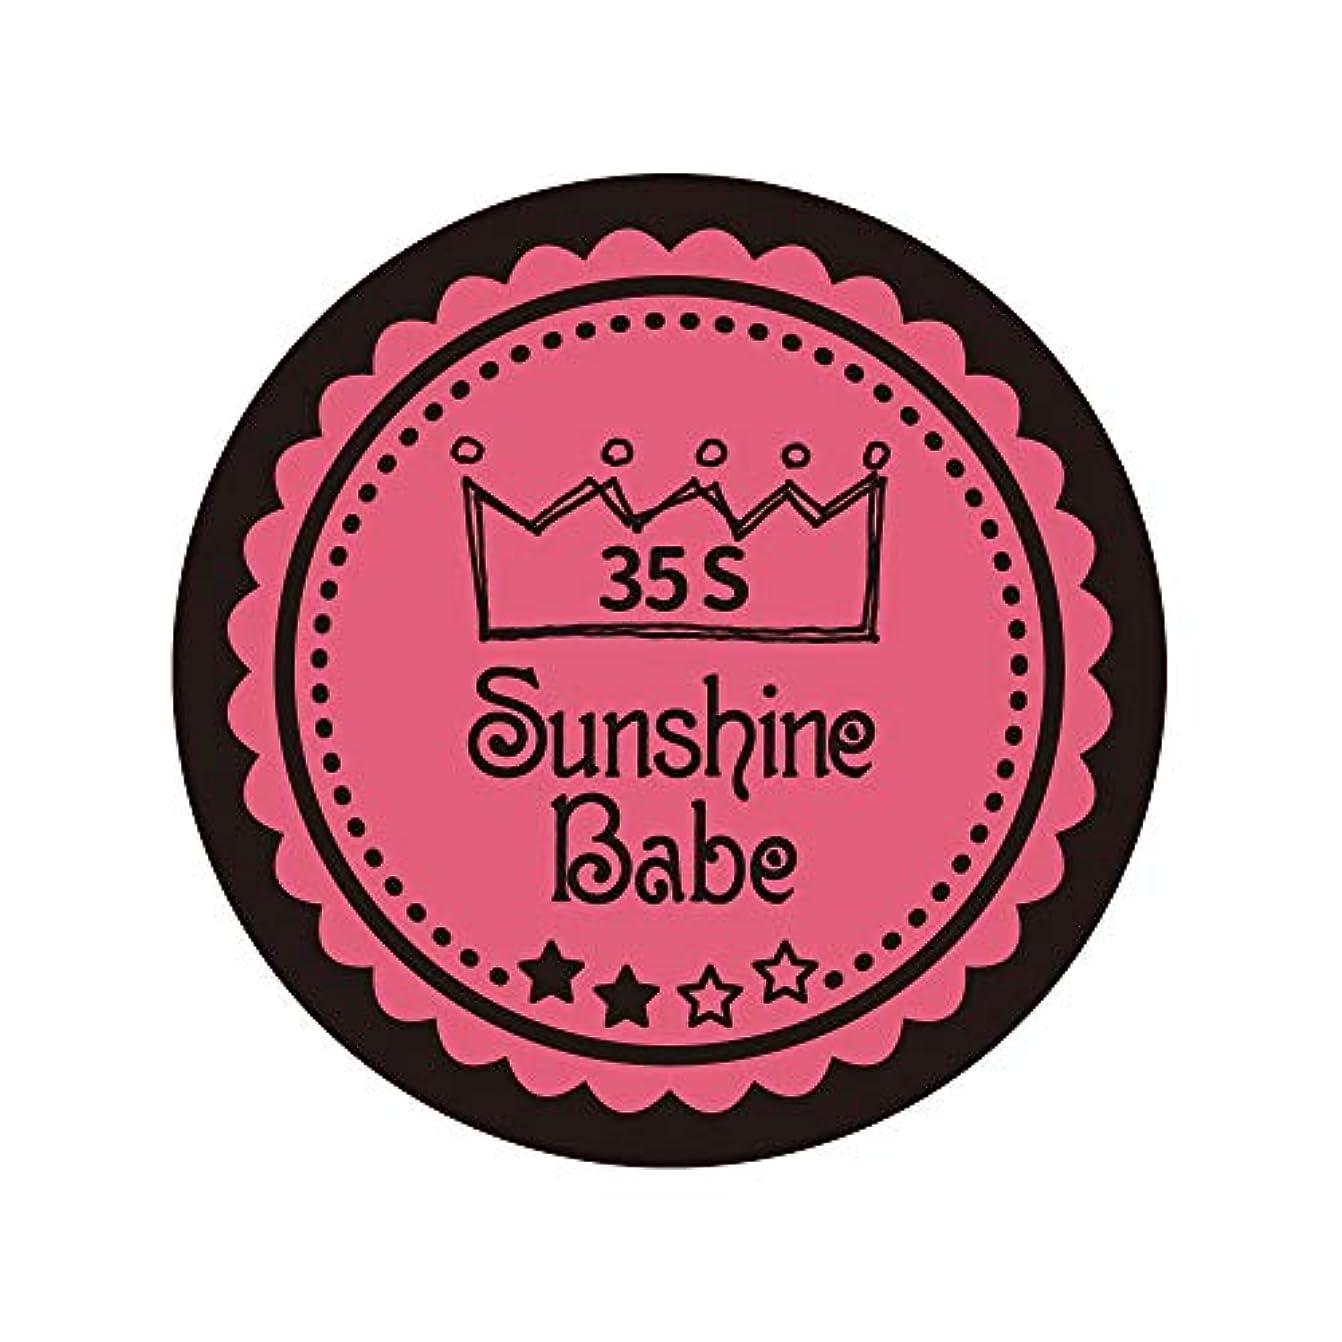 ダーツ汗合金Sunshine Babe カラージェル 35S ローズピンク 2.7g UV/LED対応